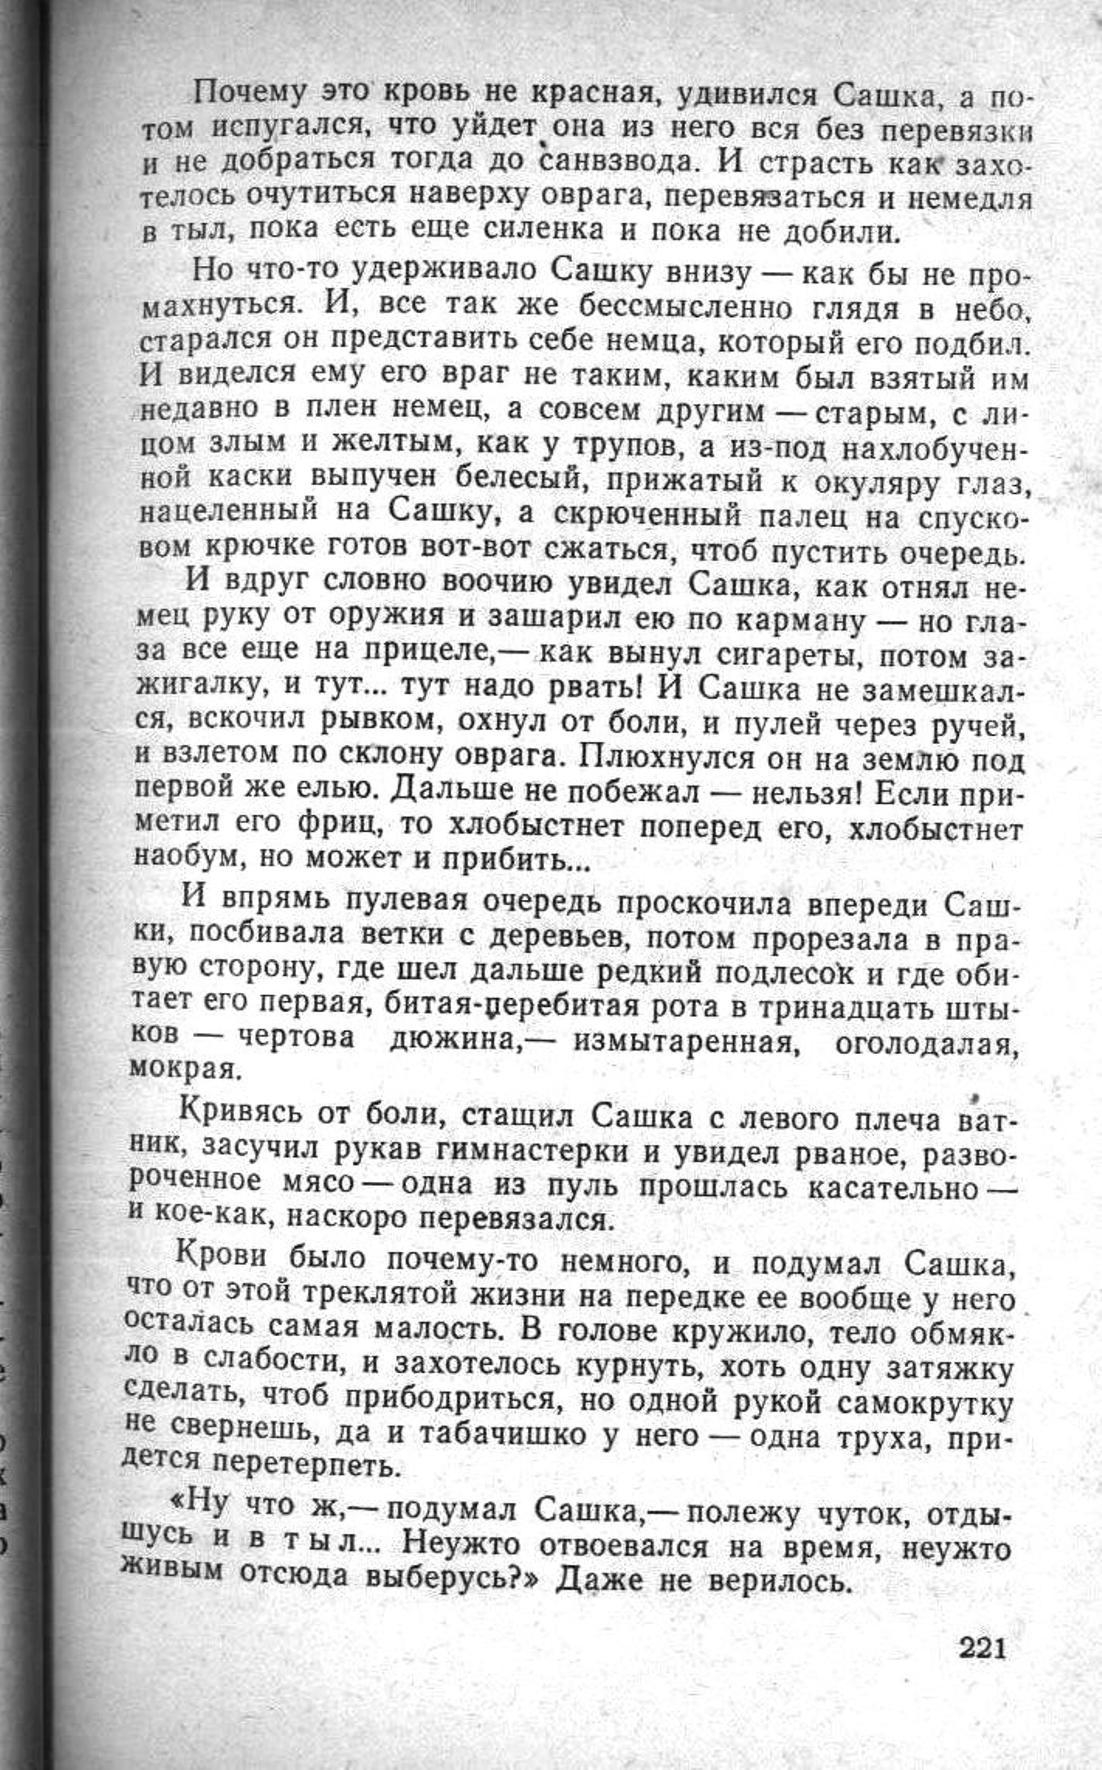 Сашка. Повесть. Вячеслав Кондратьев. 006. 002